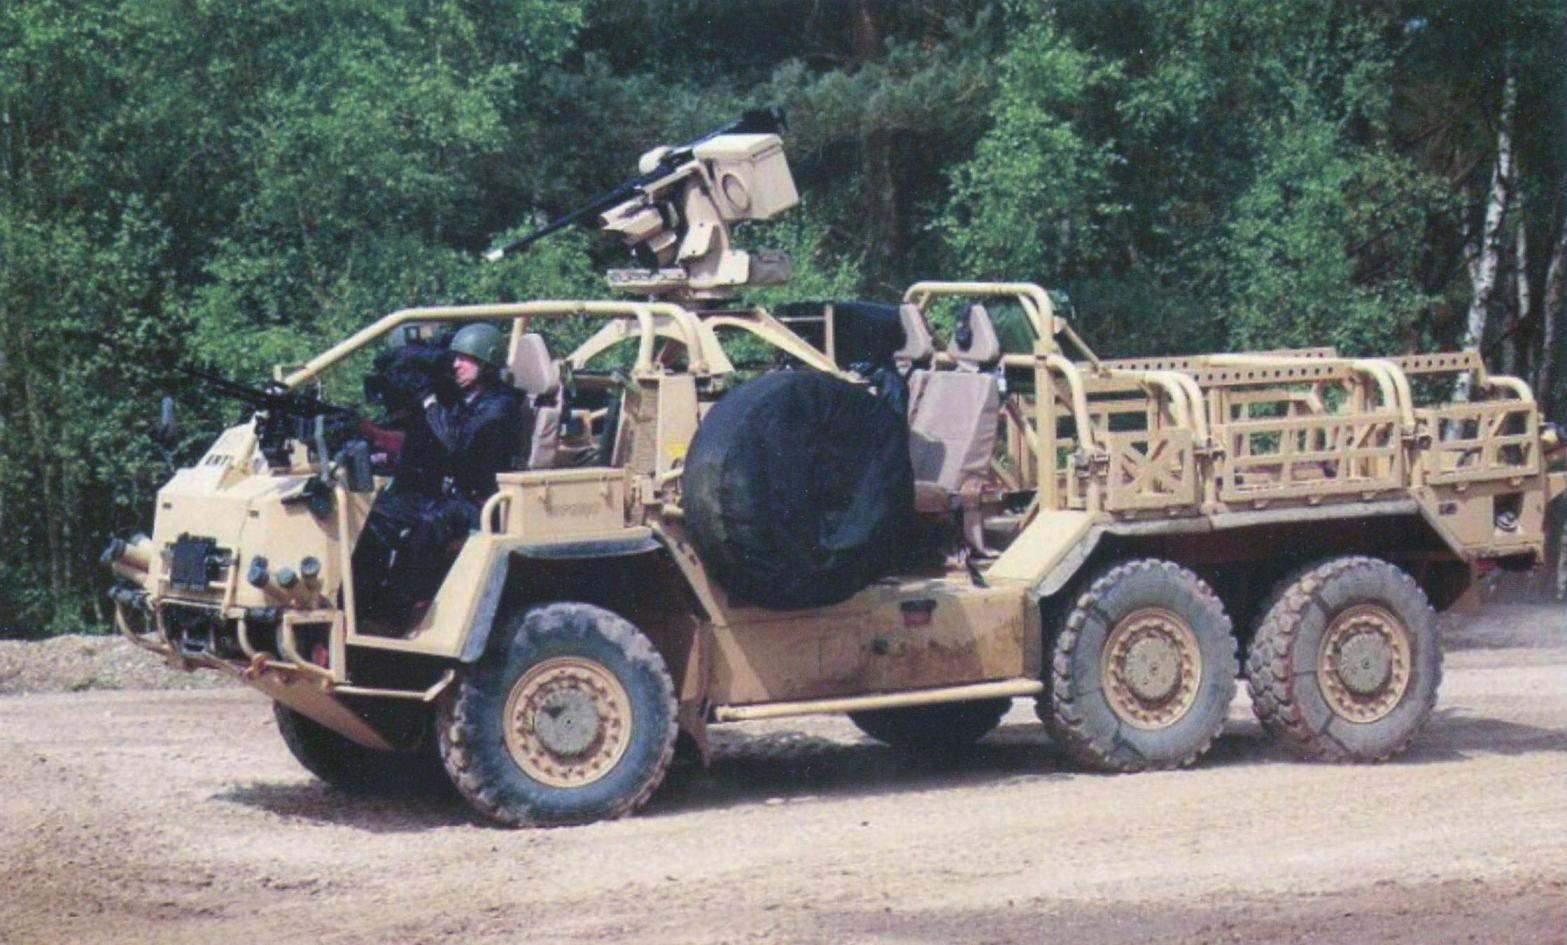 Бронеавтомобиль Supacat Extenda 6x6 британской армии